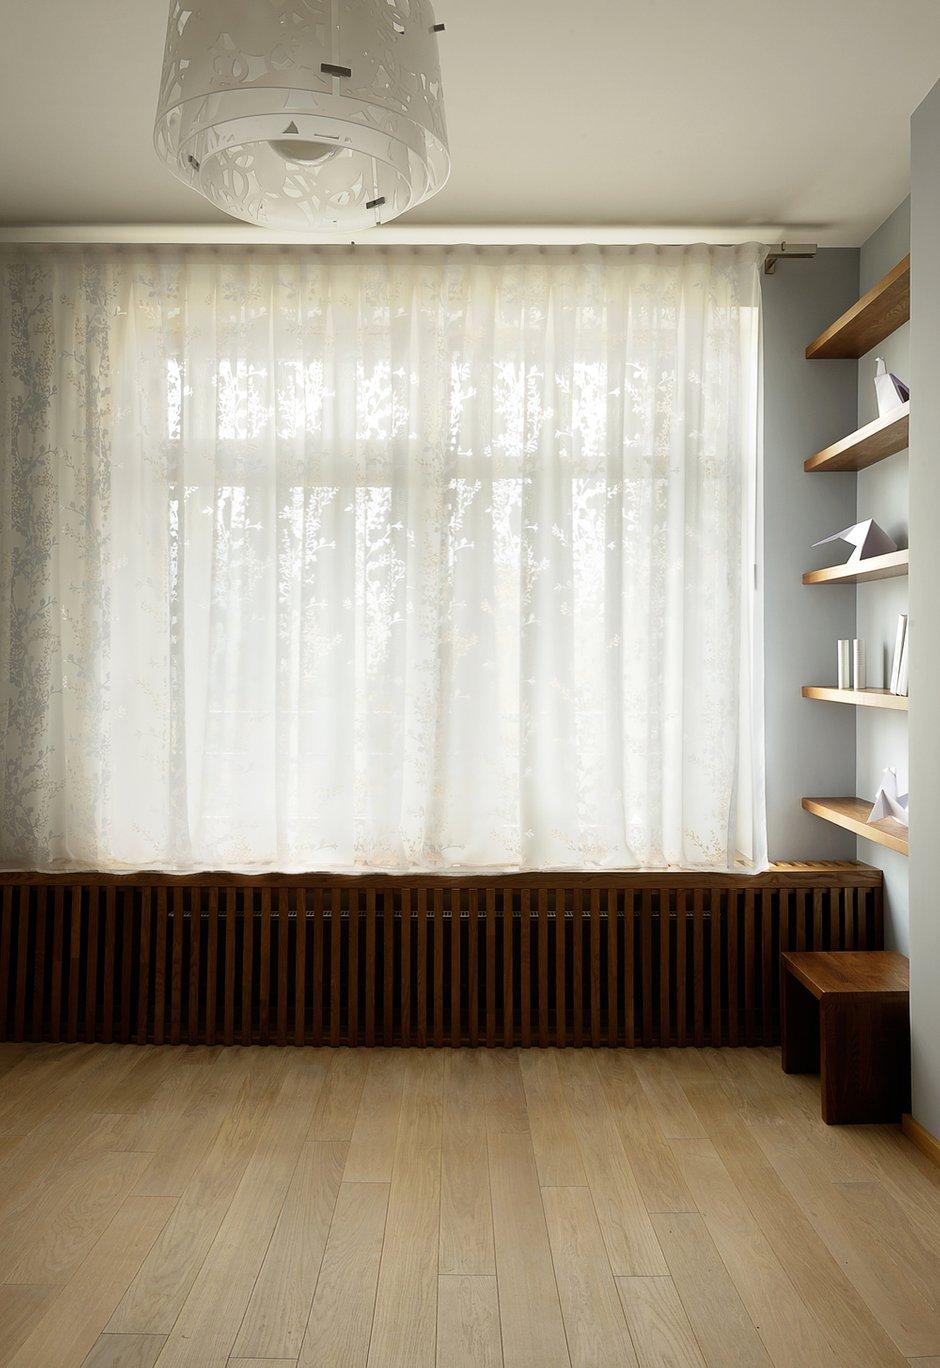 Фотография: Декор в стиле Современный, Квартира, Calligaris, Дома и квартиры – фото на INMYROOM